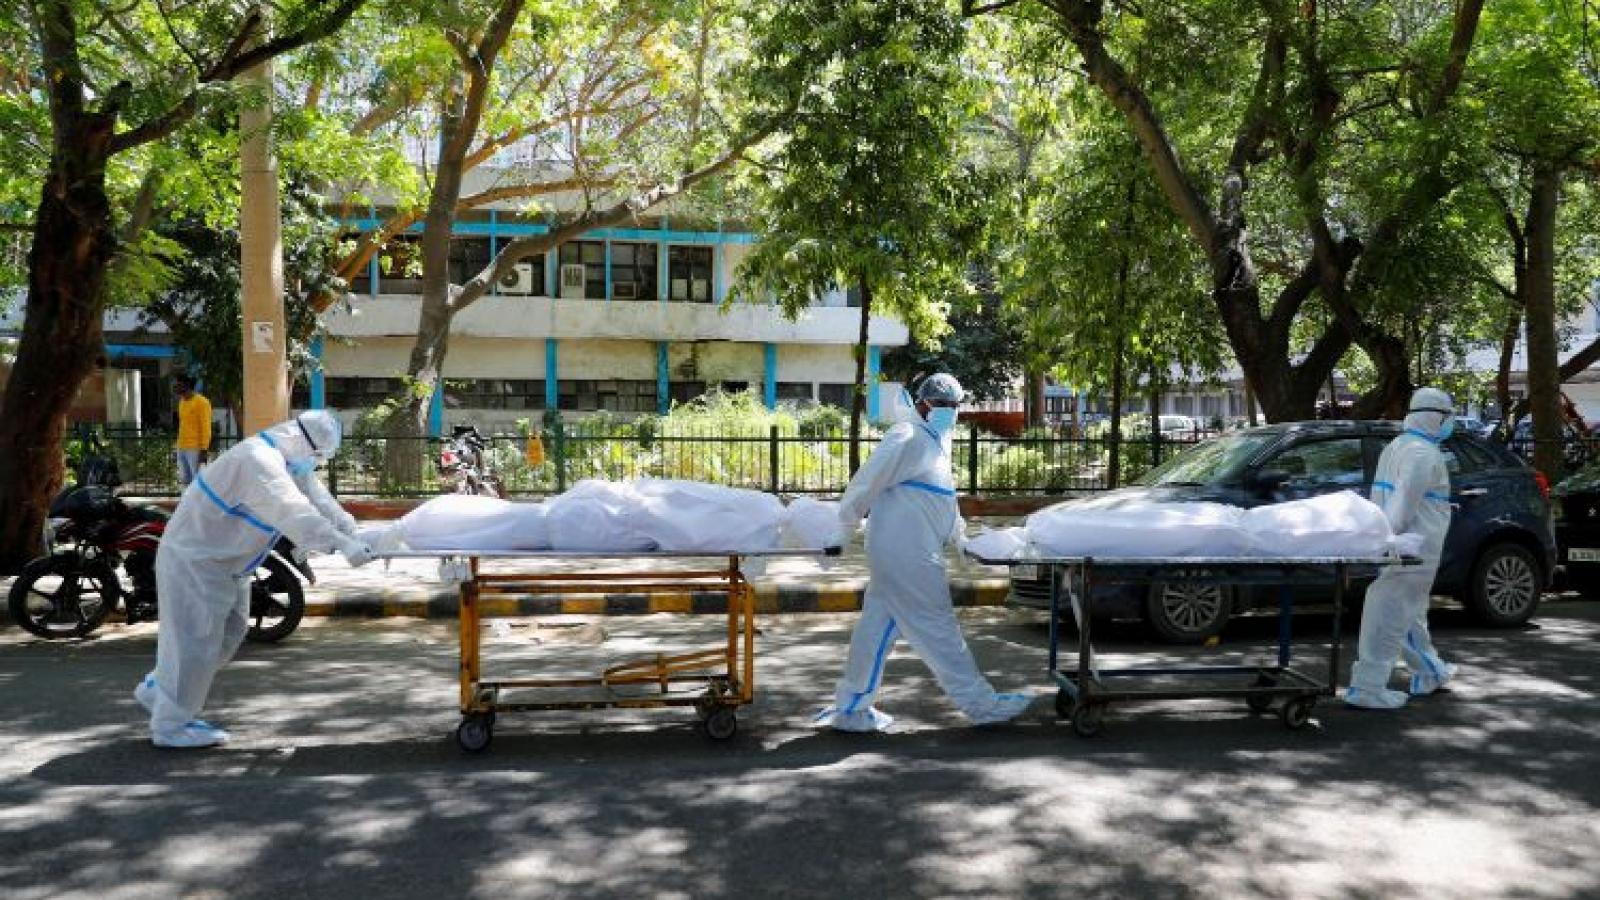 Phái bộ ngoại giao Mỹ ở Ấn Độ có 2 người tử vong, hơn 100 người mắc Covid-19